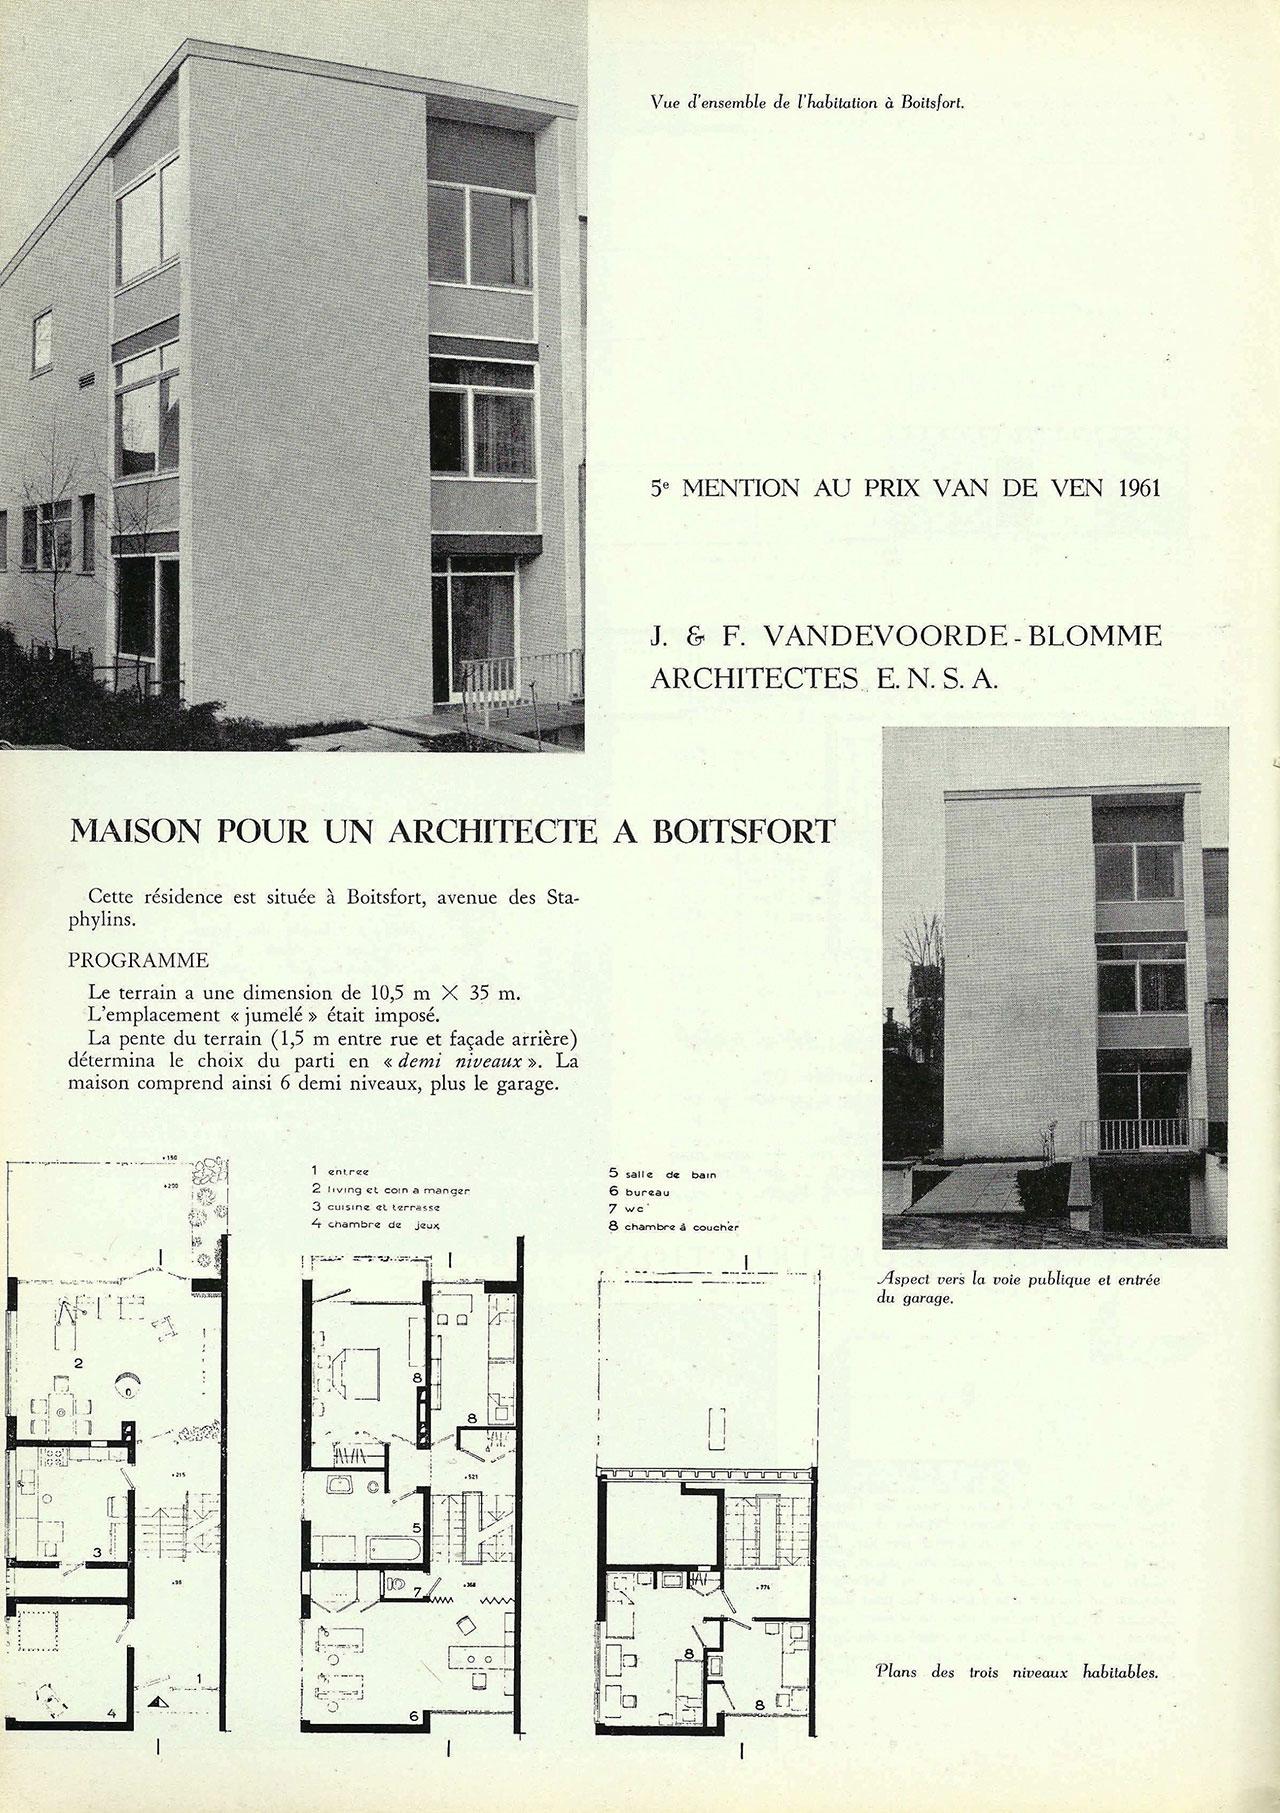 Maison pour un architecte à Boitsfort